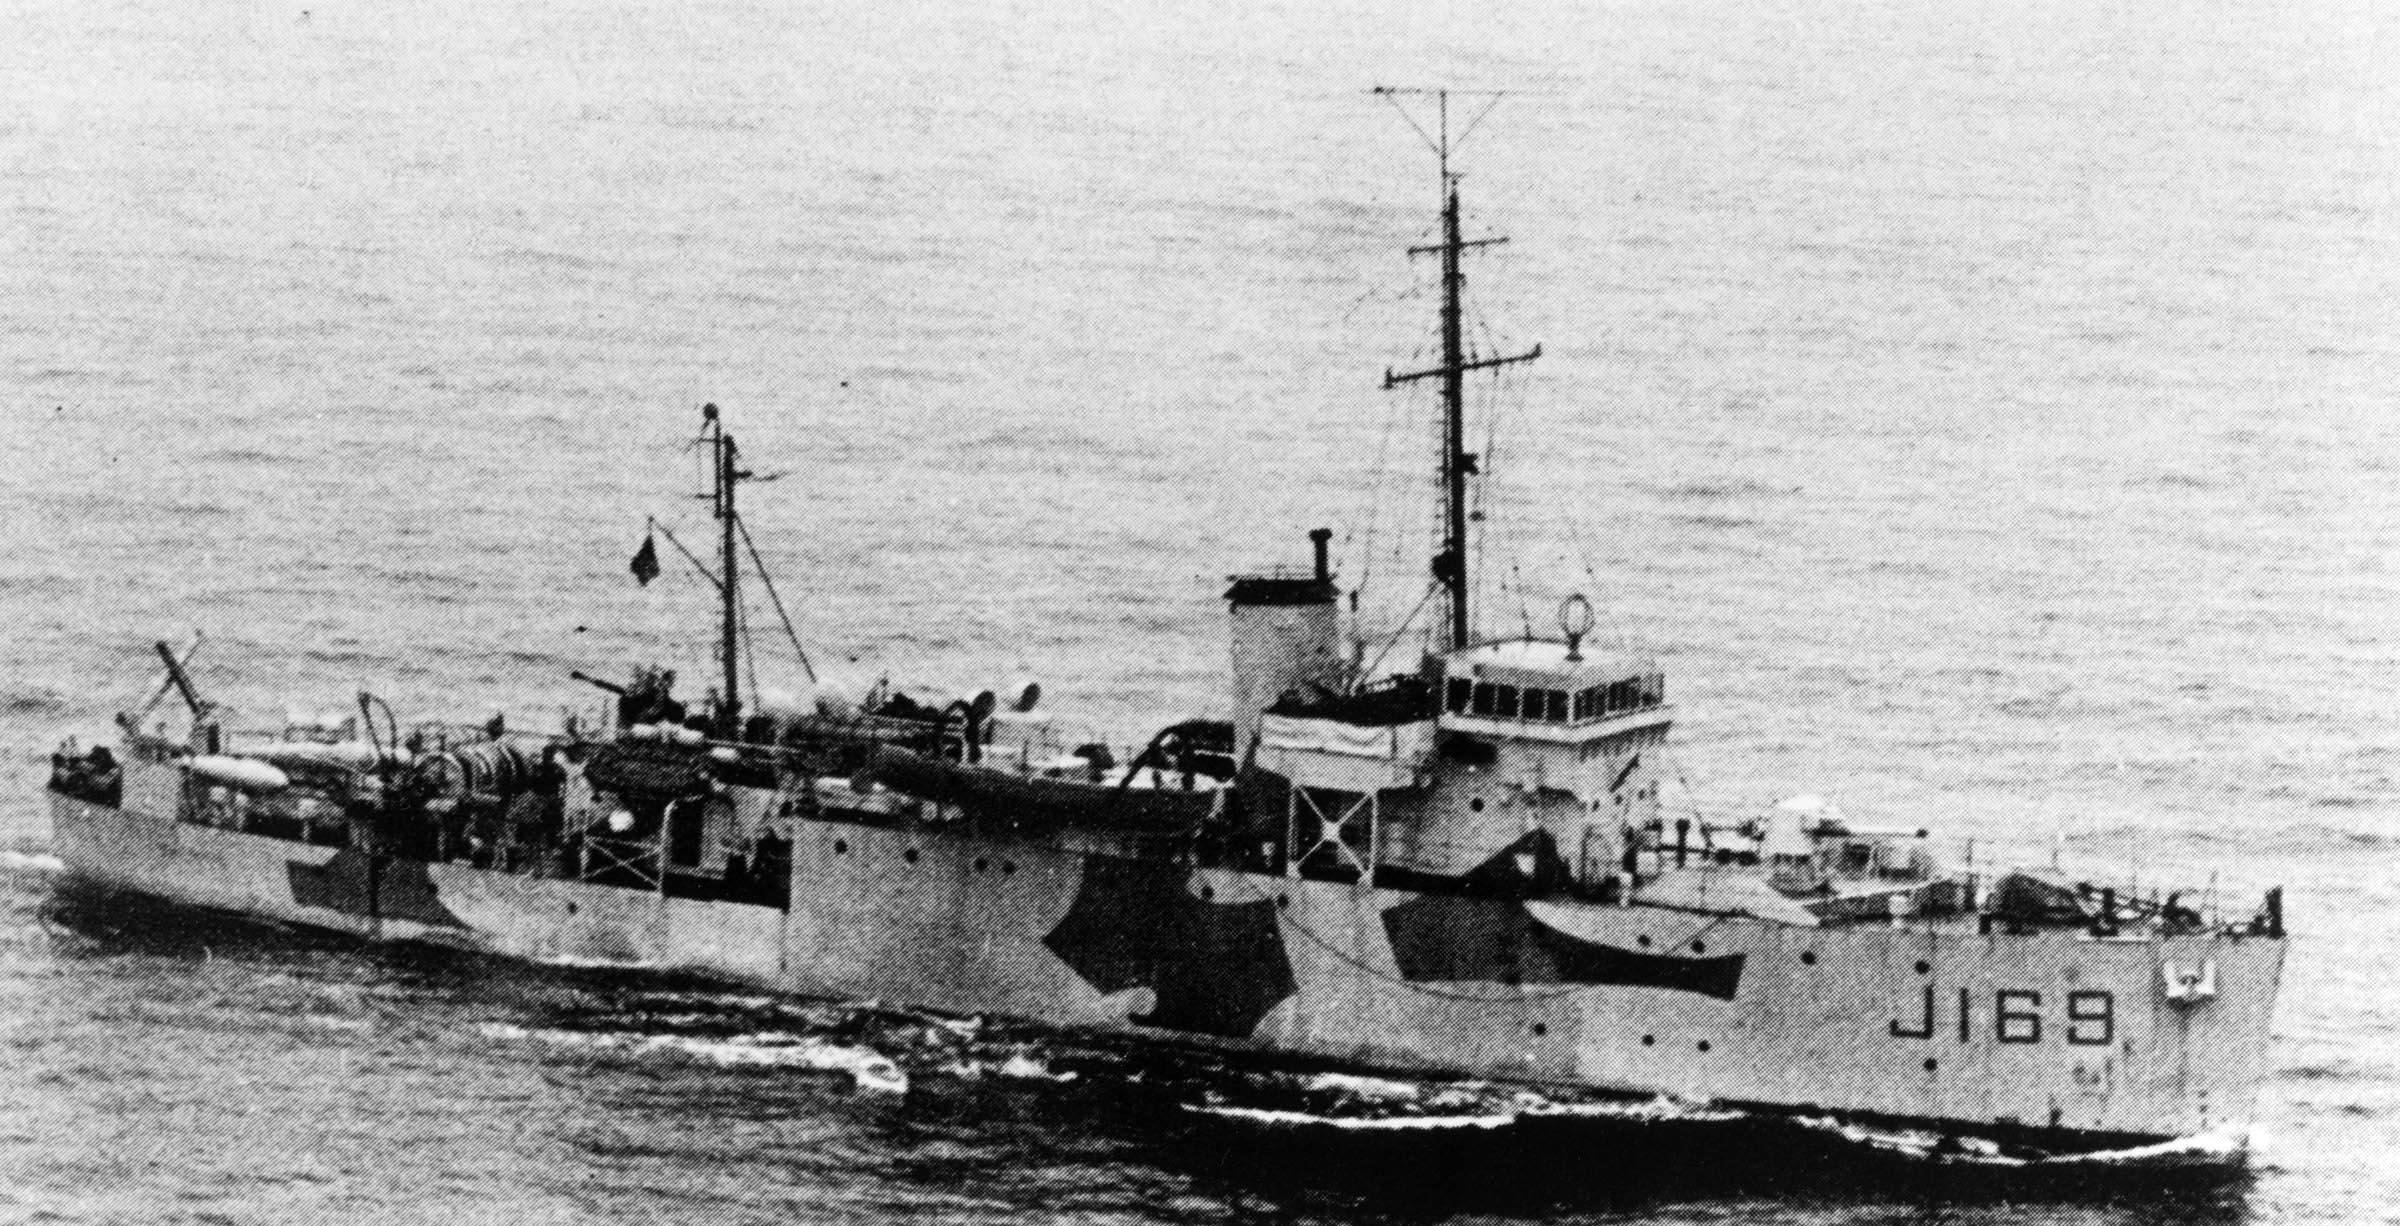 HMCS MIRAMICHI (1st)